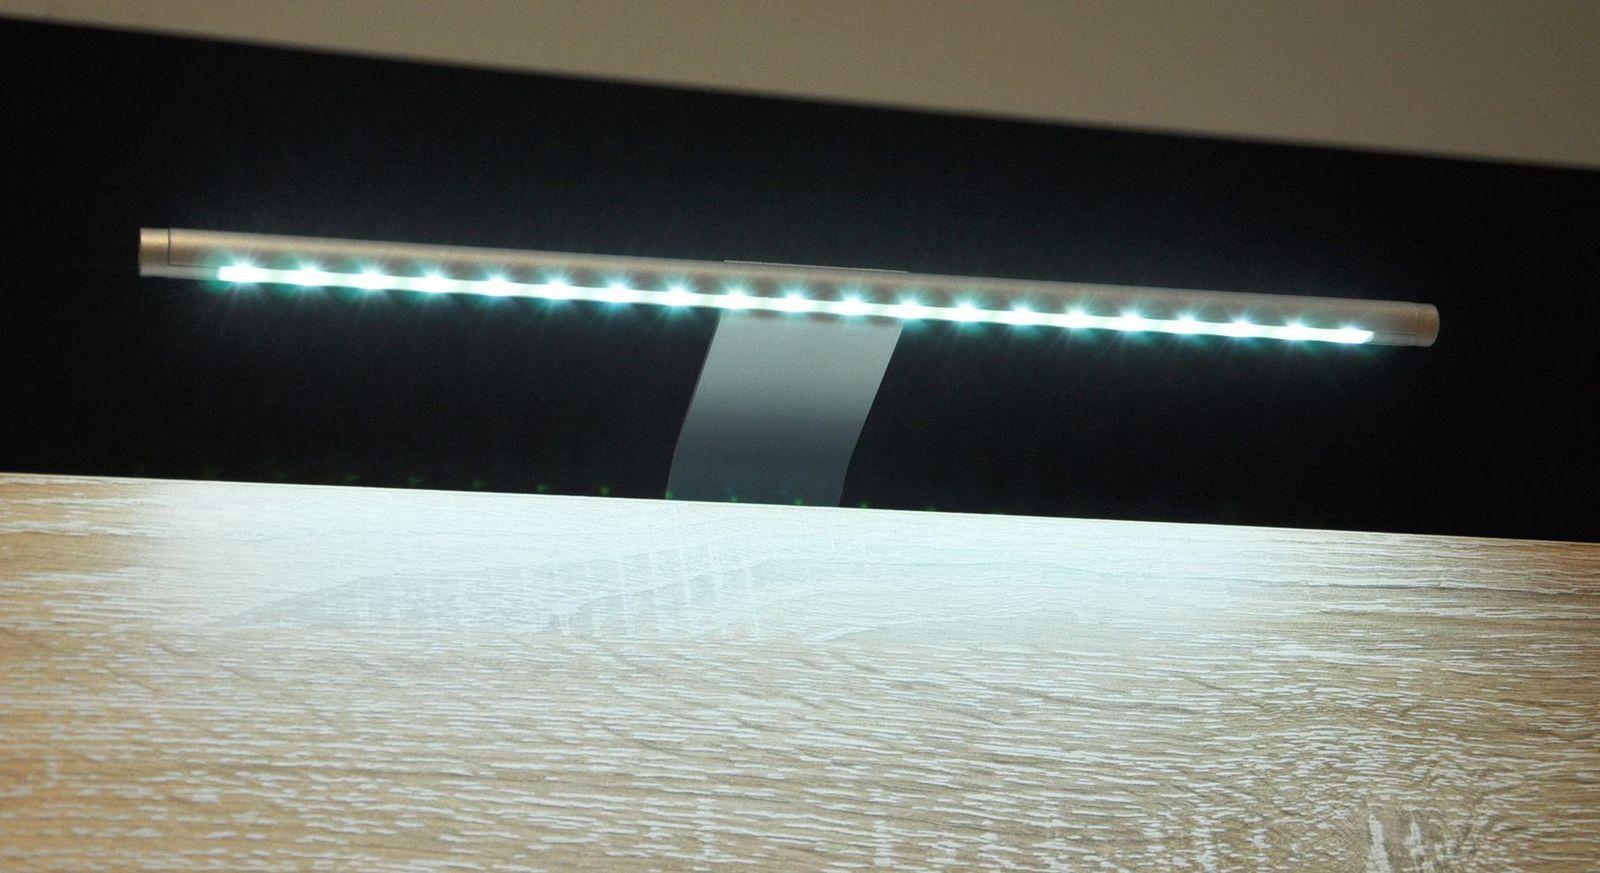 Außenbeleuchtung Line als Zusatzausstattung & Beleuchtung für Kleiderschränke